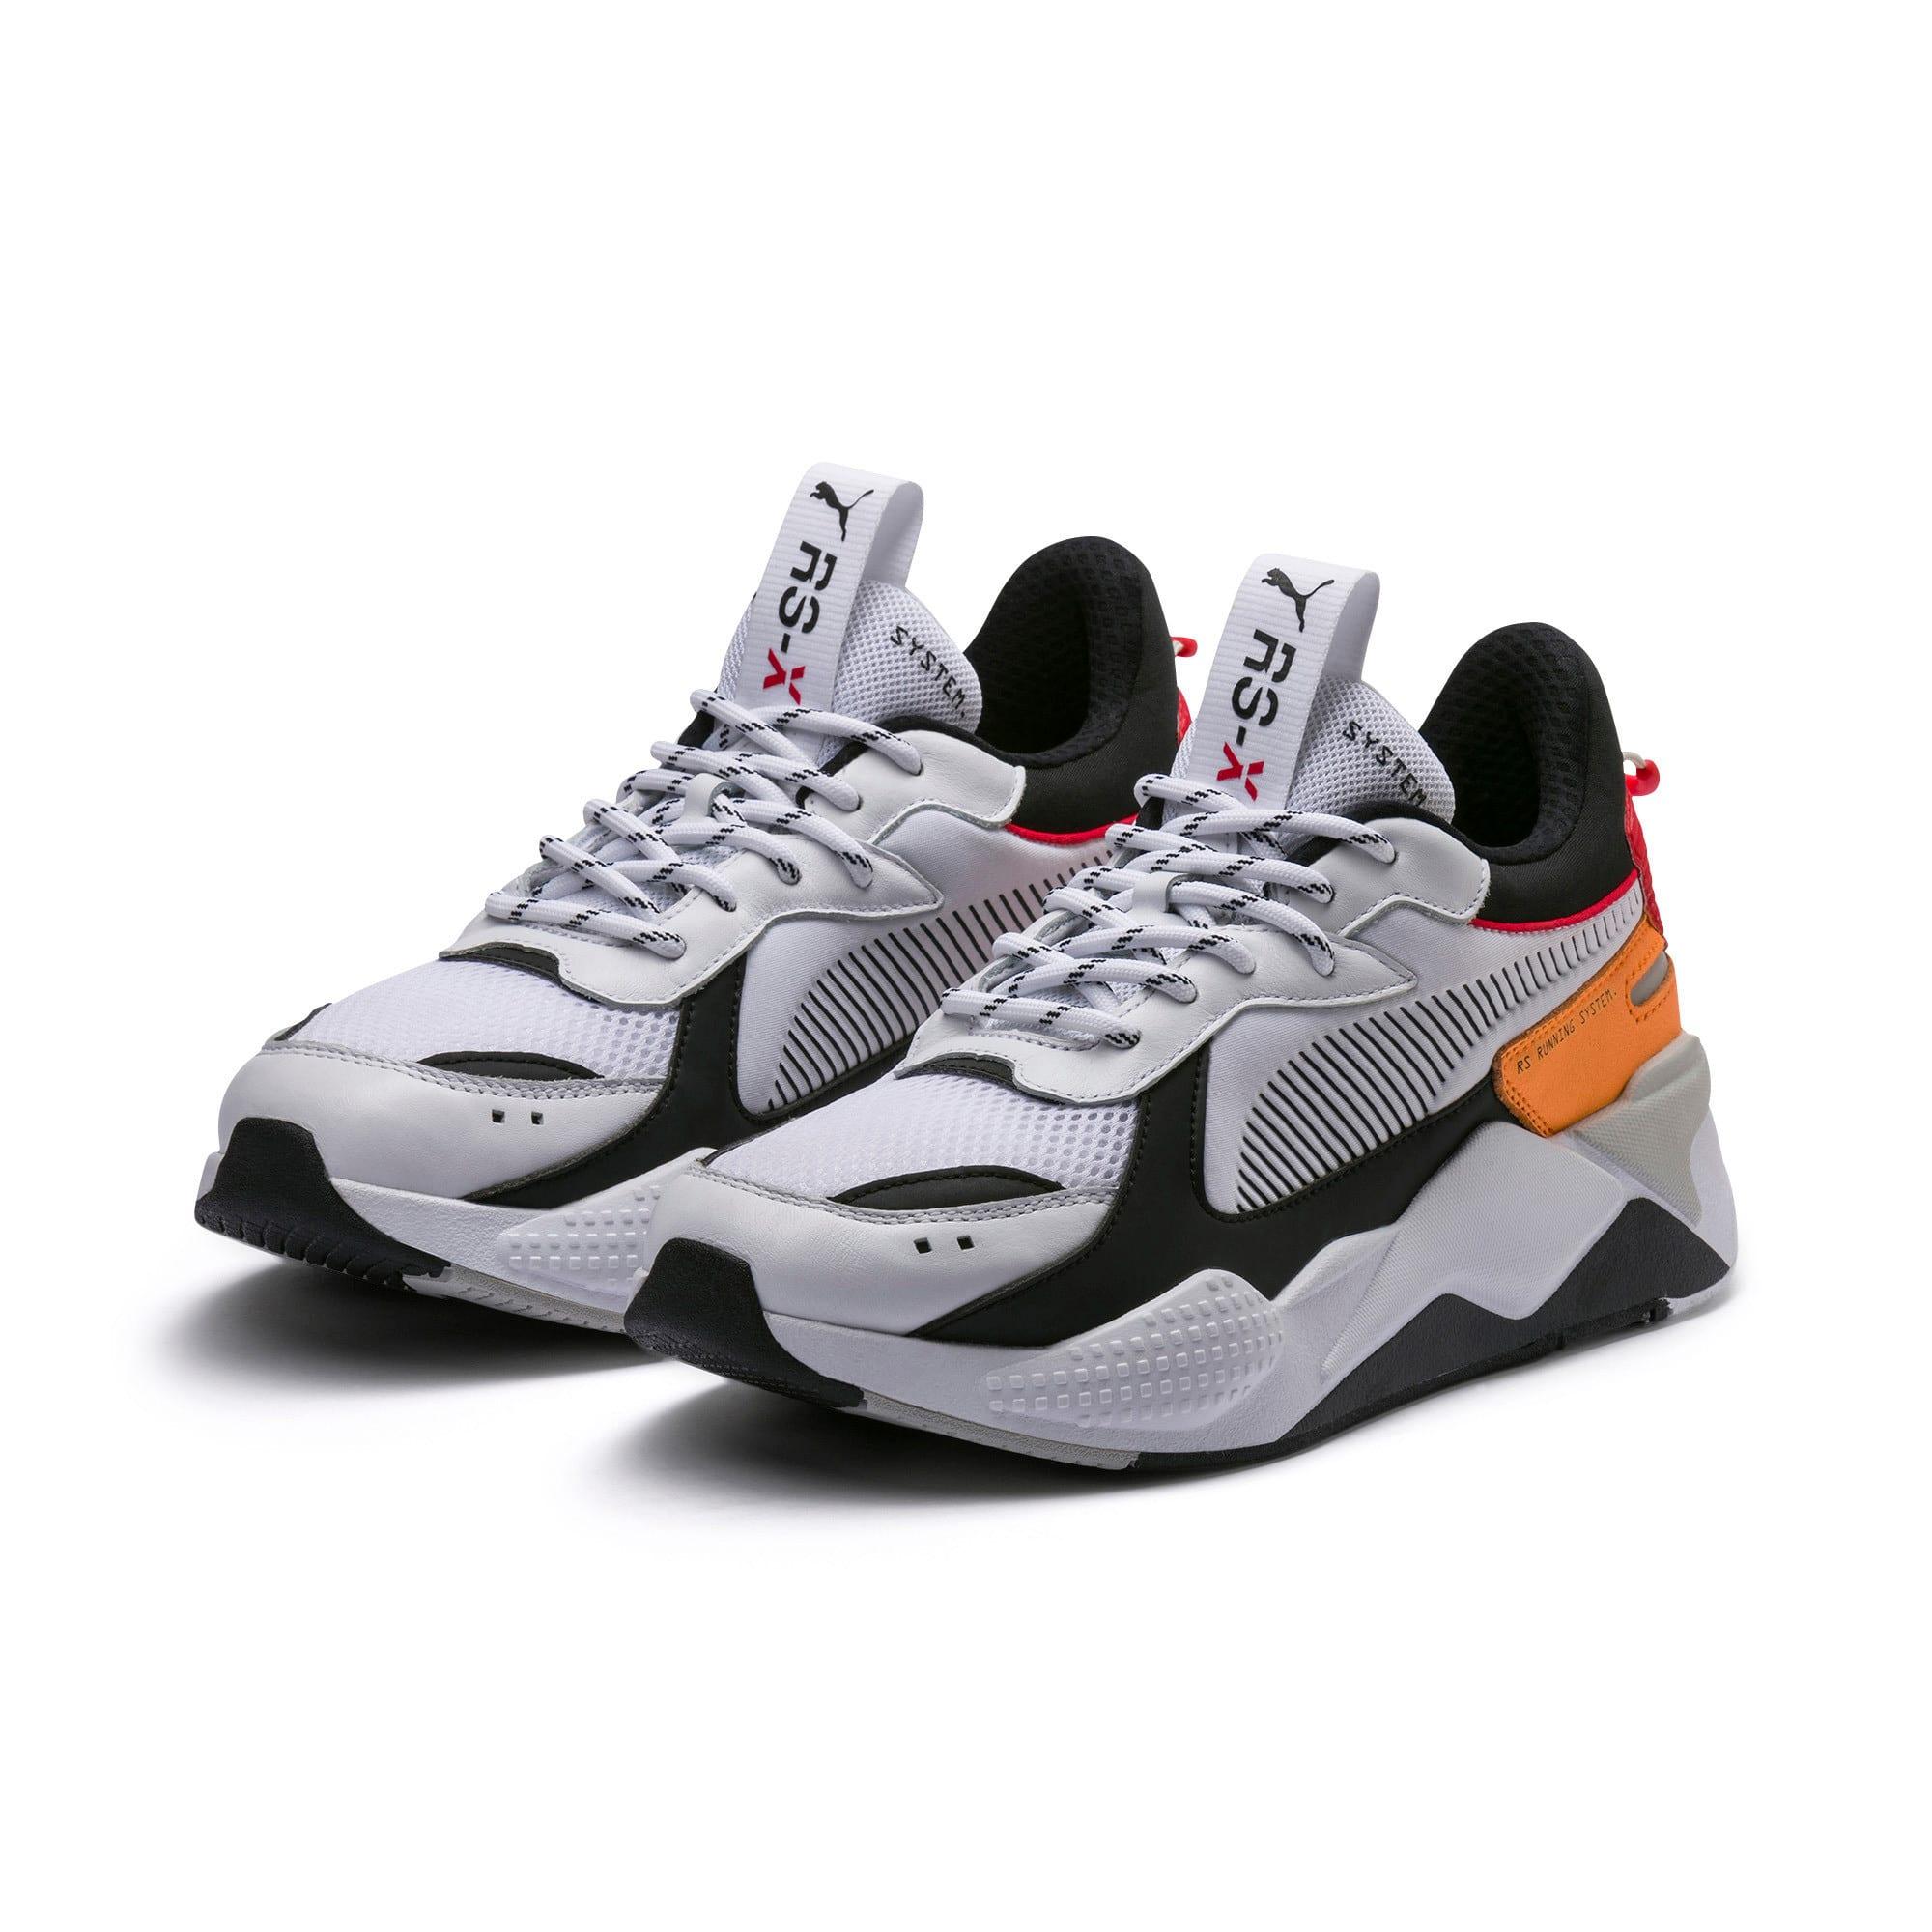 Thumbnail 3 of RS-X Tracks Trainers, Puma White-Puma Black, medium